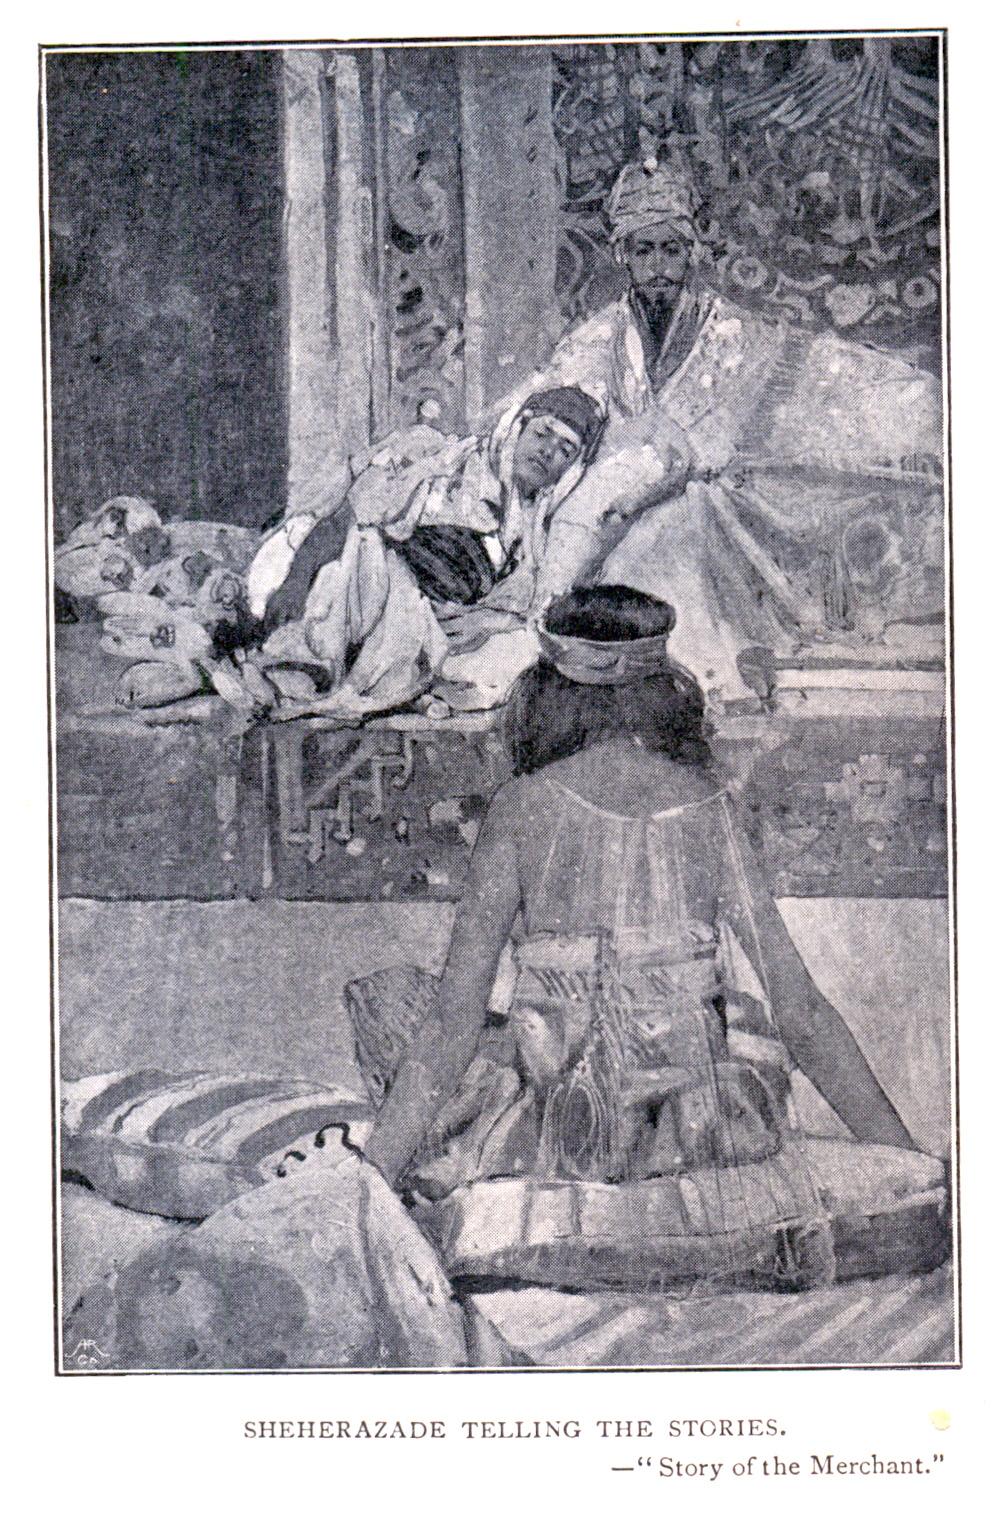 Illustration by Frank Brangwyn